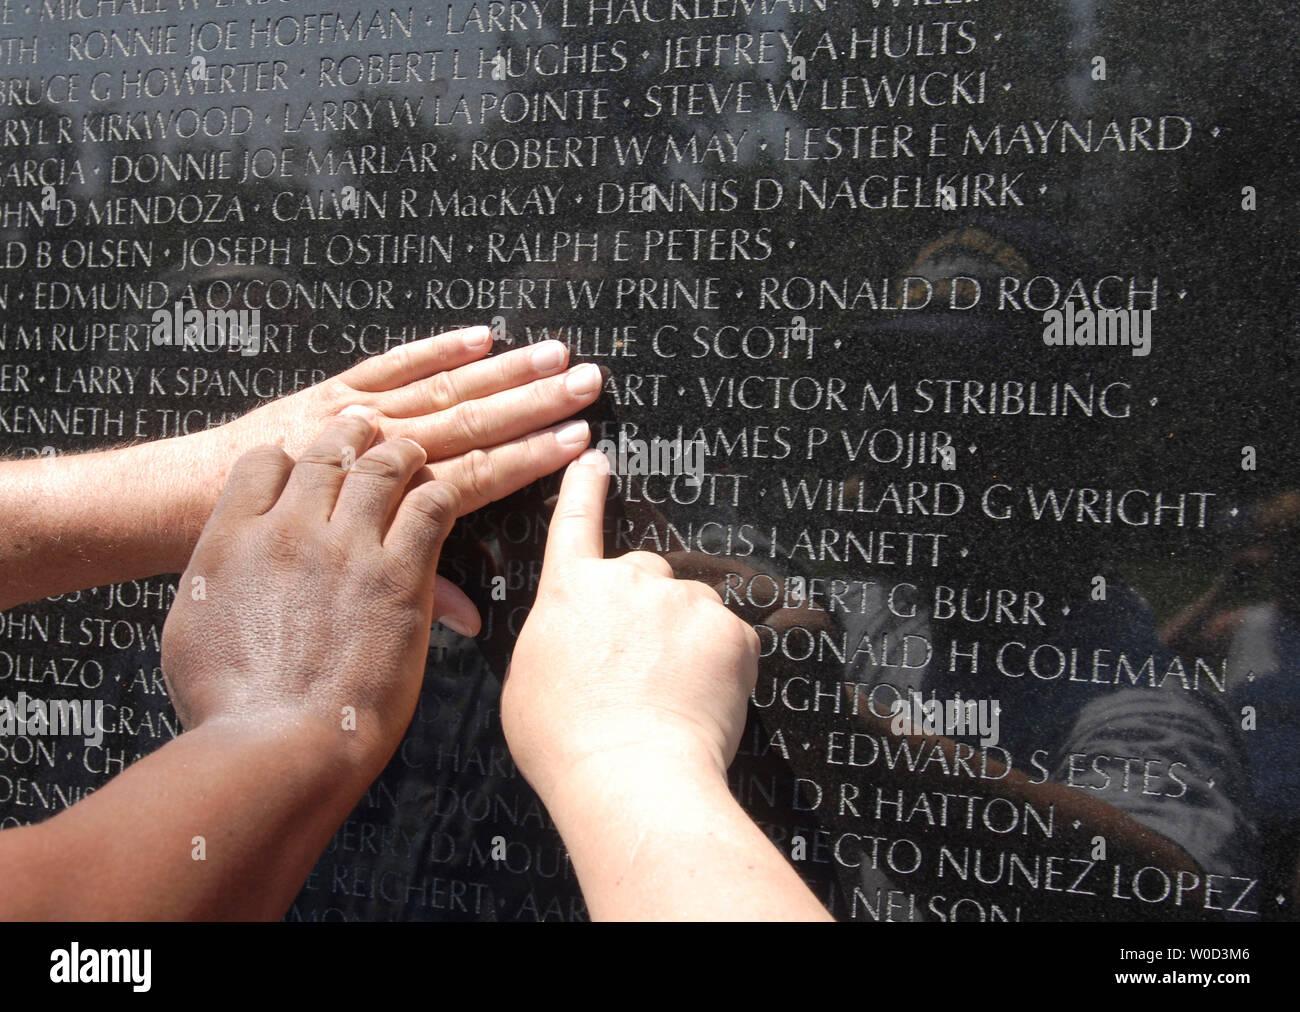 Vietnam Veterans John Broton, Cloise Orand e Leonard 'Doc' Brooks cerca i nomi dei loro compagni caduti, che sono stati uccisi durante un agguato in Vietnam nel 1968, presso il Memoriale dei Veterani del Vietnam a Washington il 29 maggio 2006. (UPI foto/Kevin Dietsch) Immagini Stock